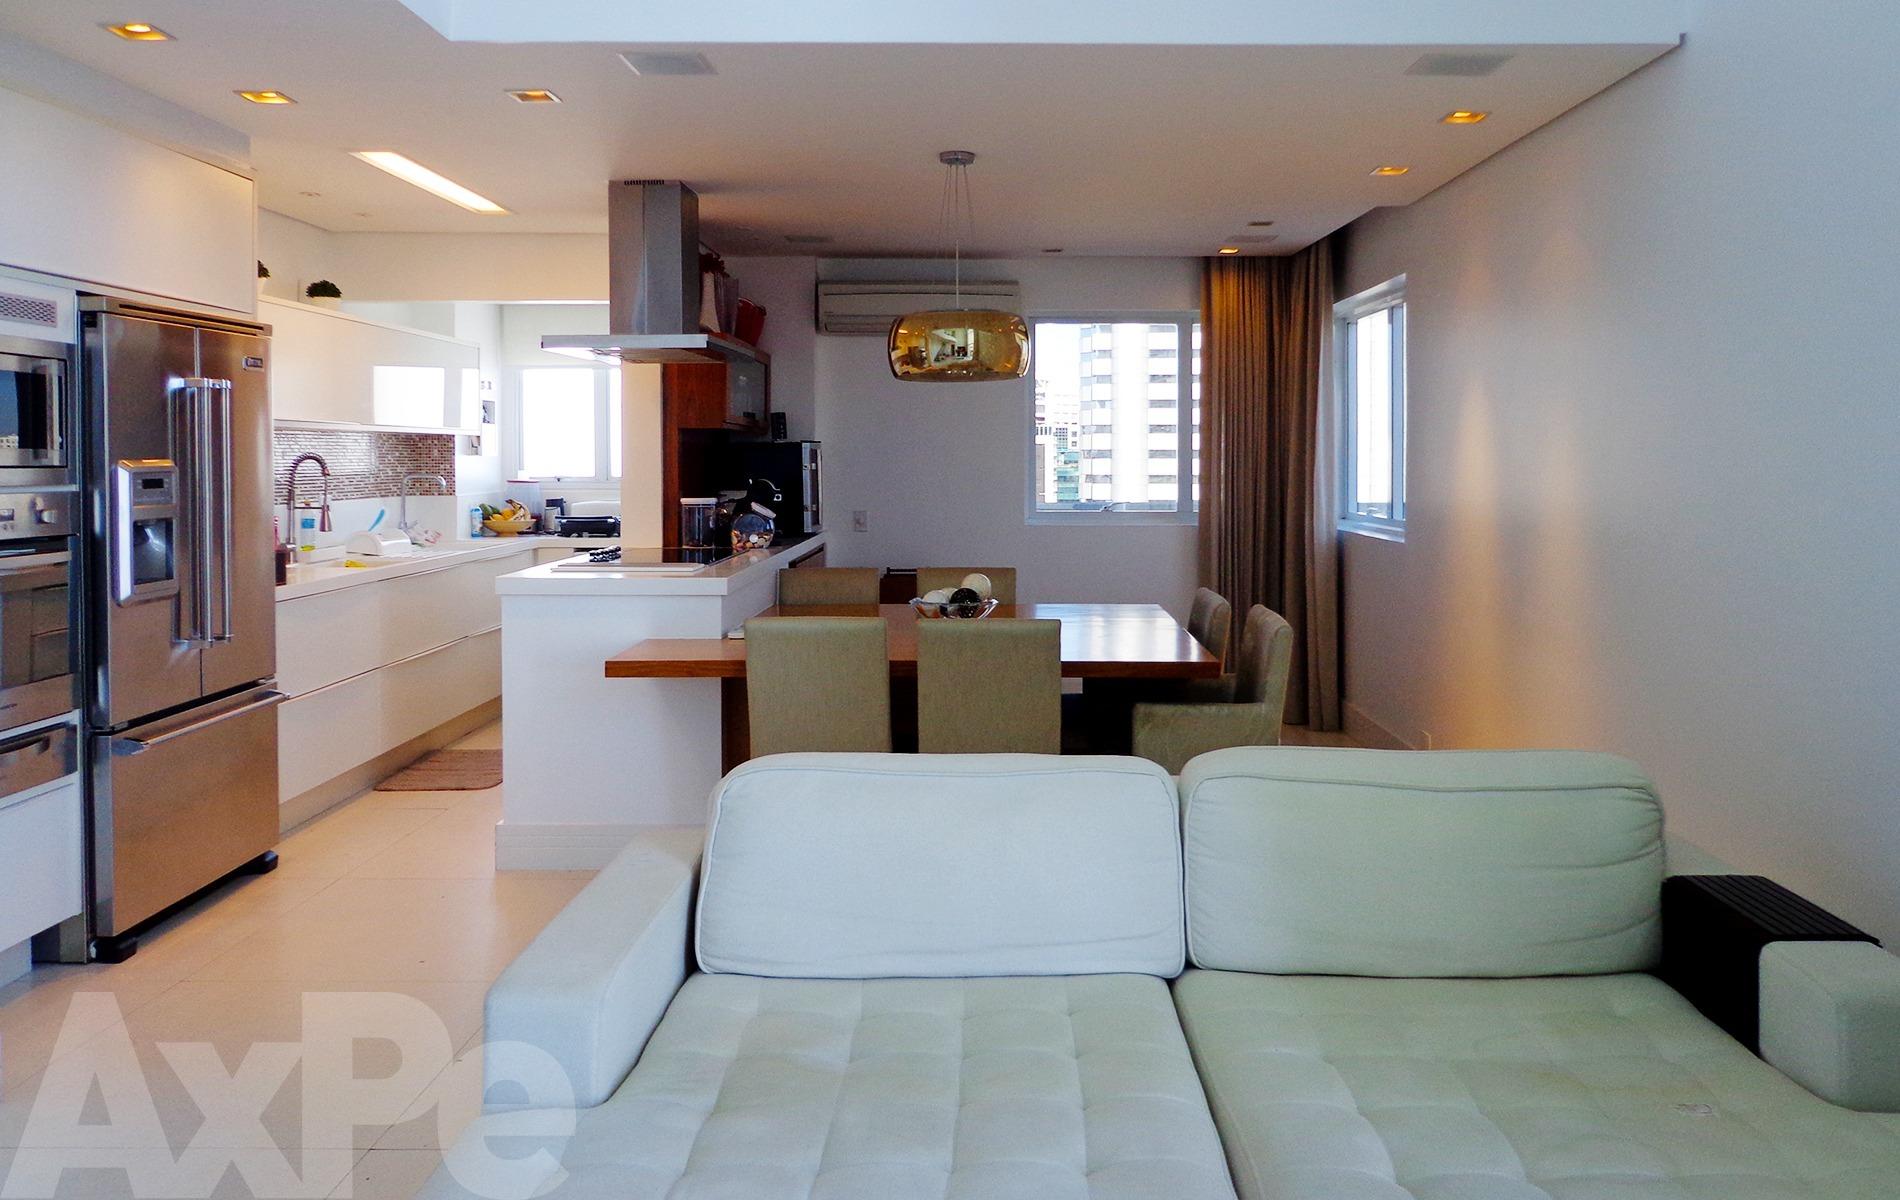 Axpe Apartamento - AX131364